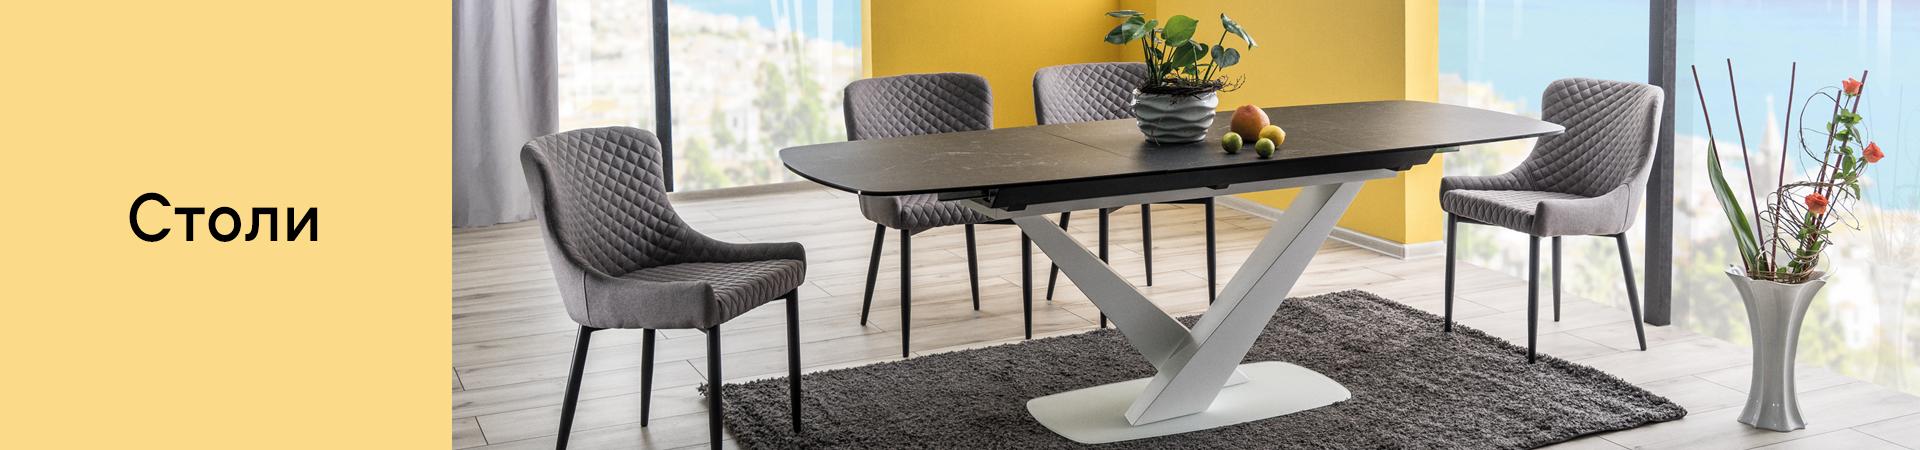 Столи Ширина столу 80 см